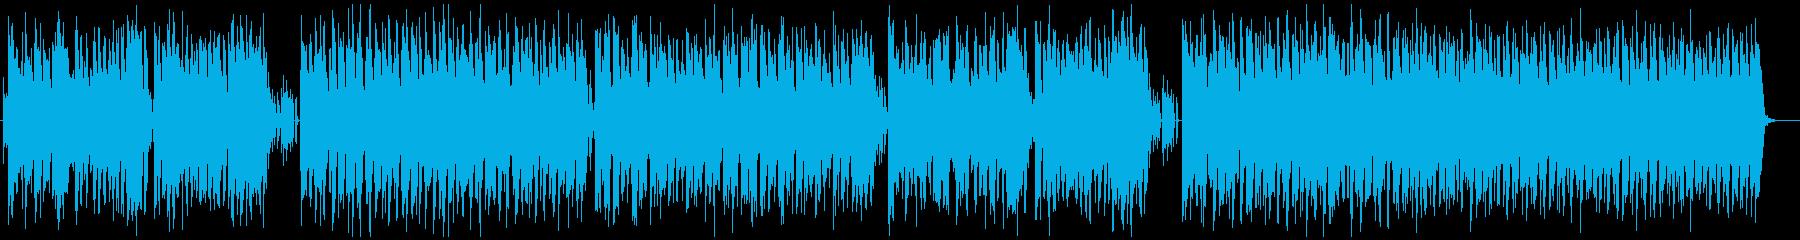 ボス戦ぽい超ハイテンポなジャズ/ループ可の再生済みの波形